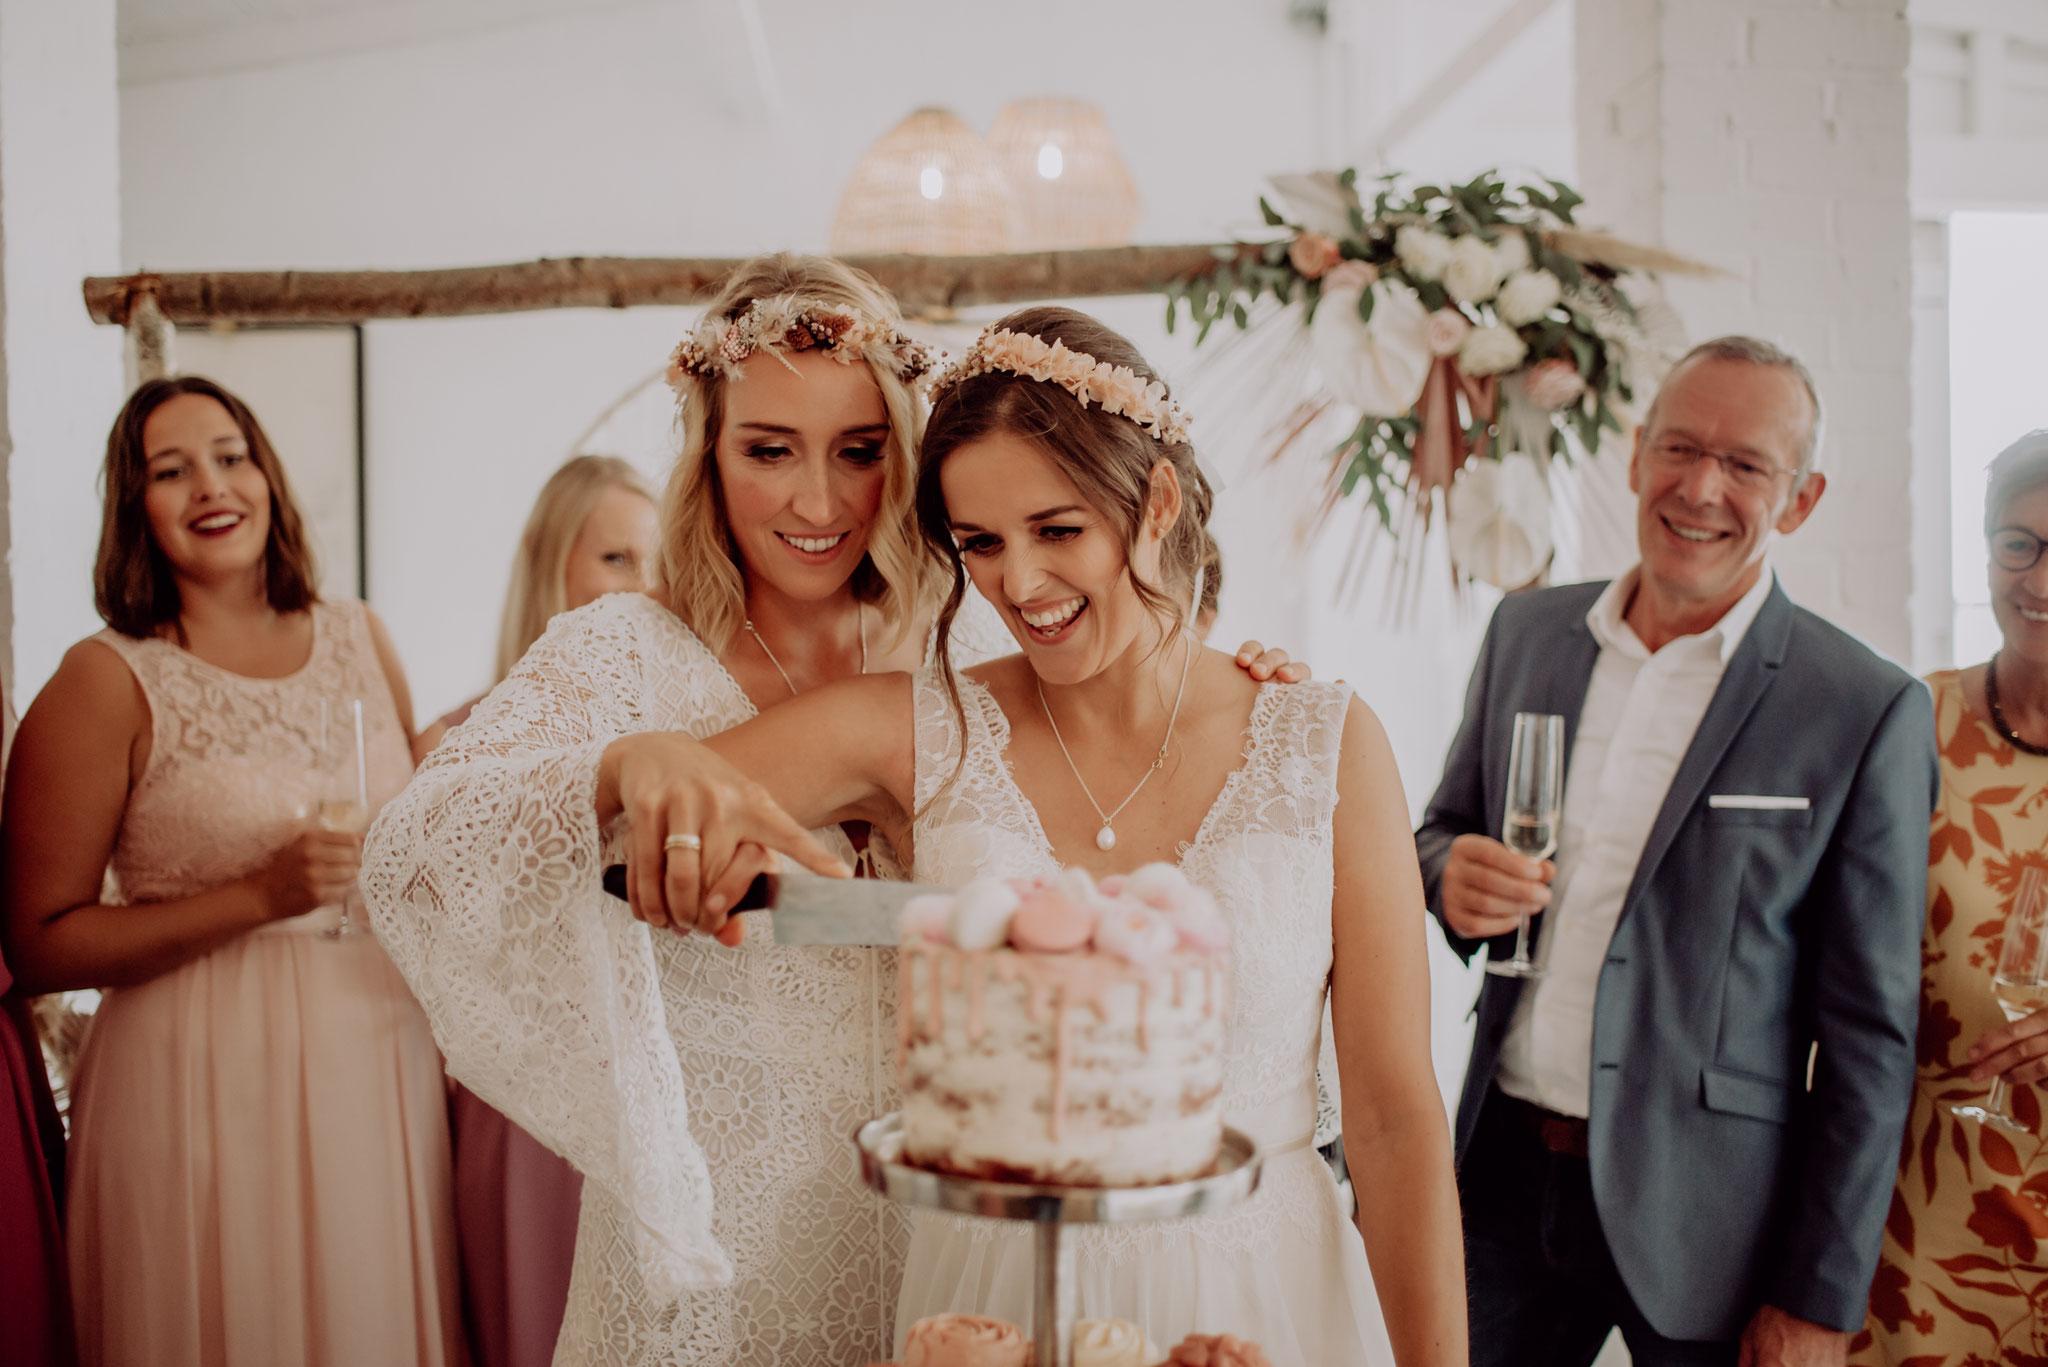 Anne & Antje schneiden stolz ihre Hochzeitstorte an (Foto: Landei Fotografie)